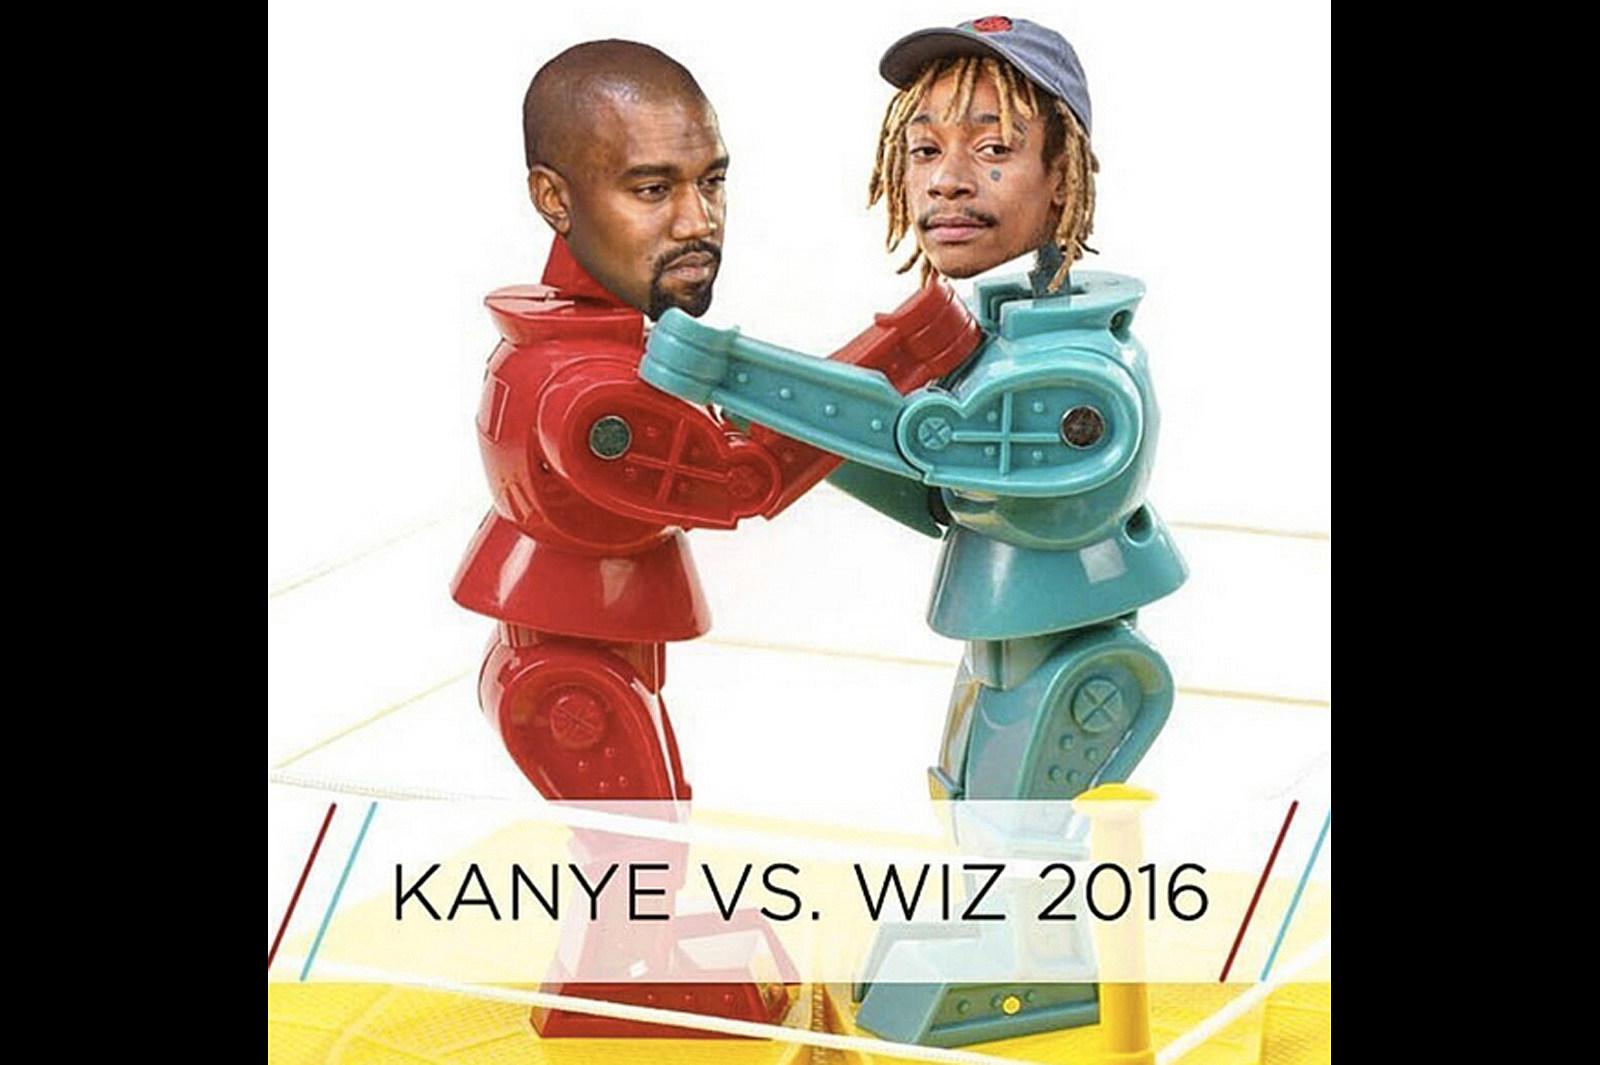 kanye west wiz khalifa beef memes 17 20 hilarious memes from kanye west and wiz khalifa's beef xxl